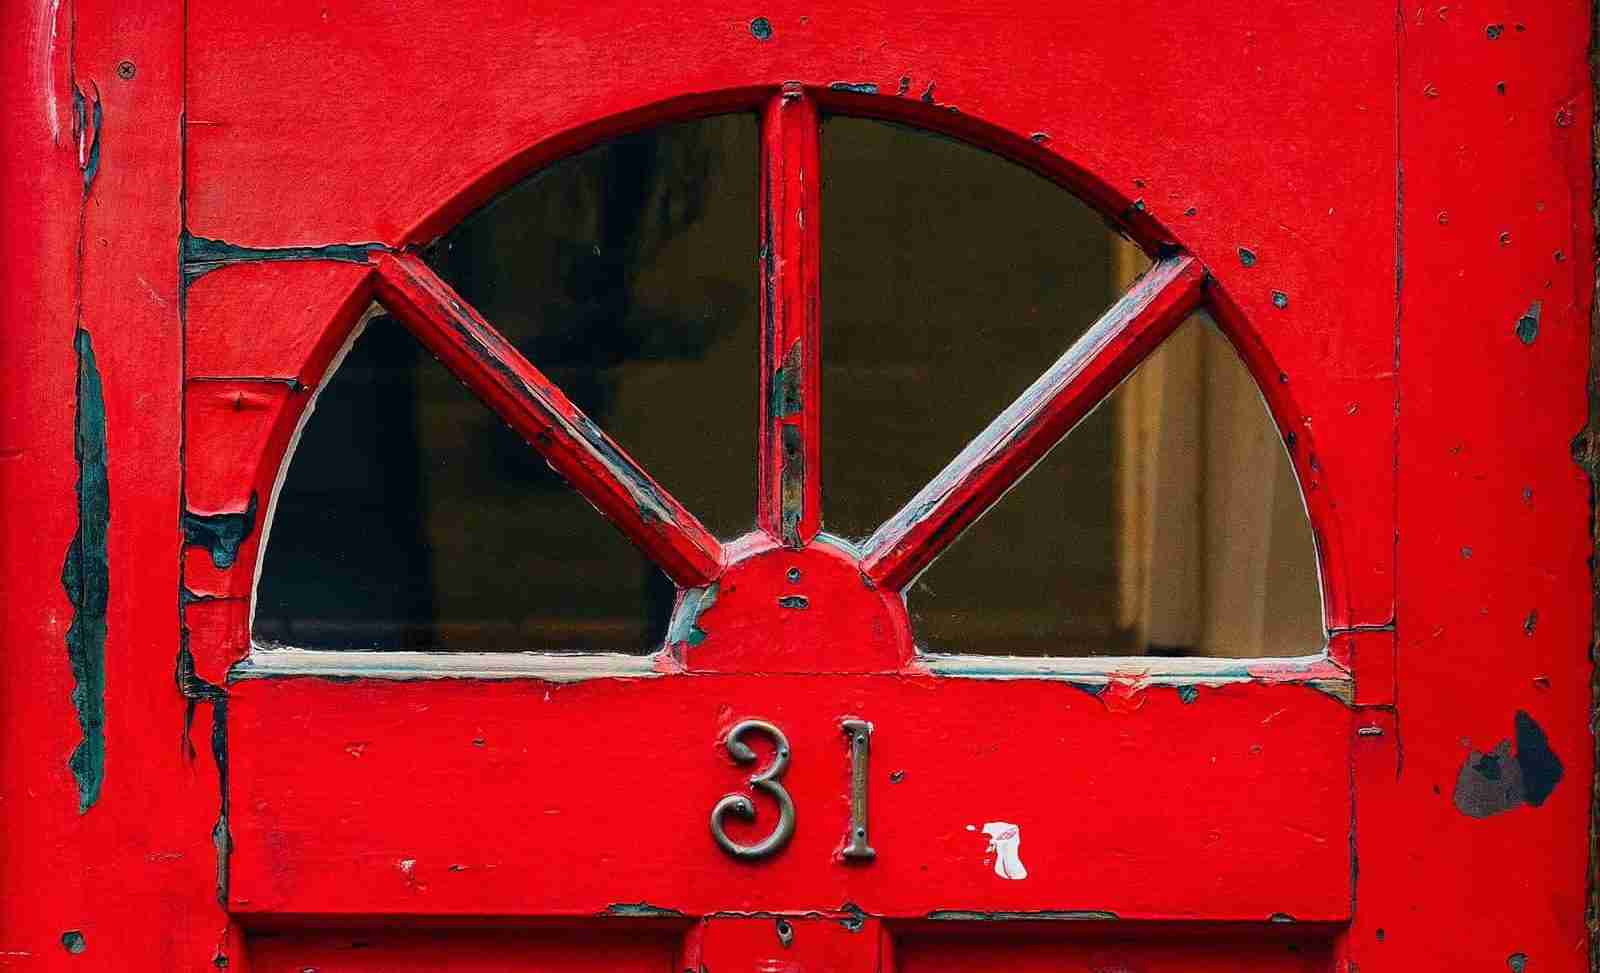 Red Door Lead Peeling Paint vertical - milkovi-unsplash